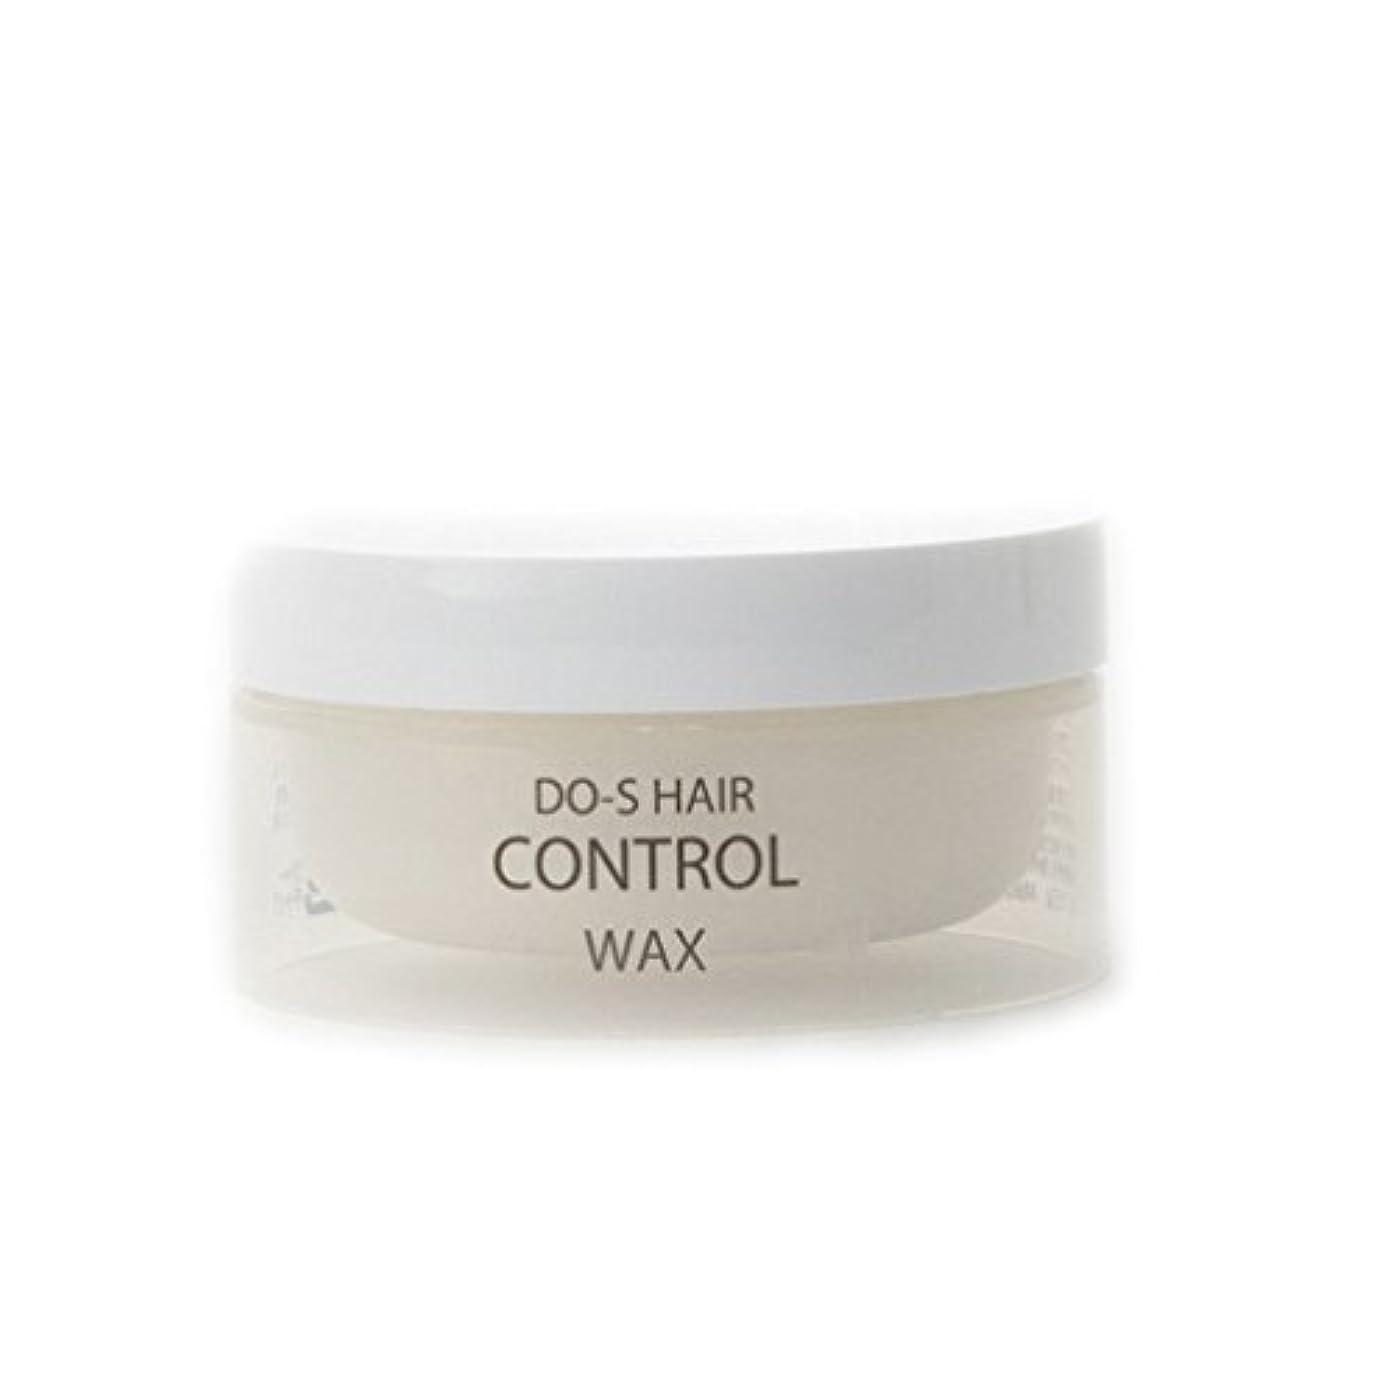 粘土に組み立てるDO-S HAIR CONTROL ワックス 50g